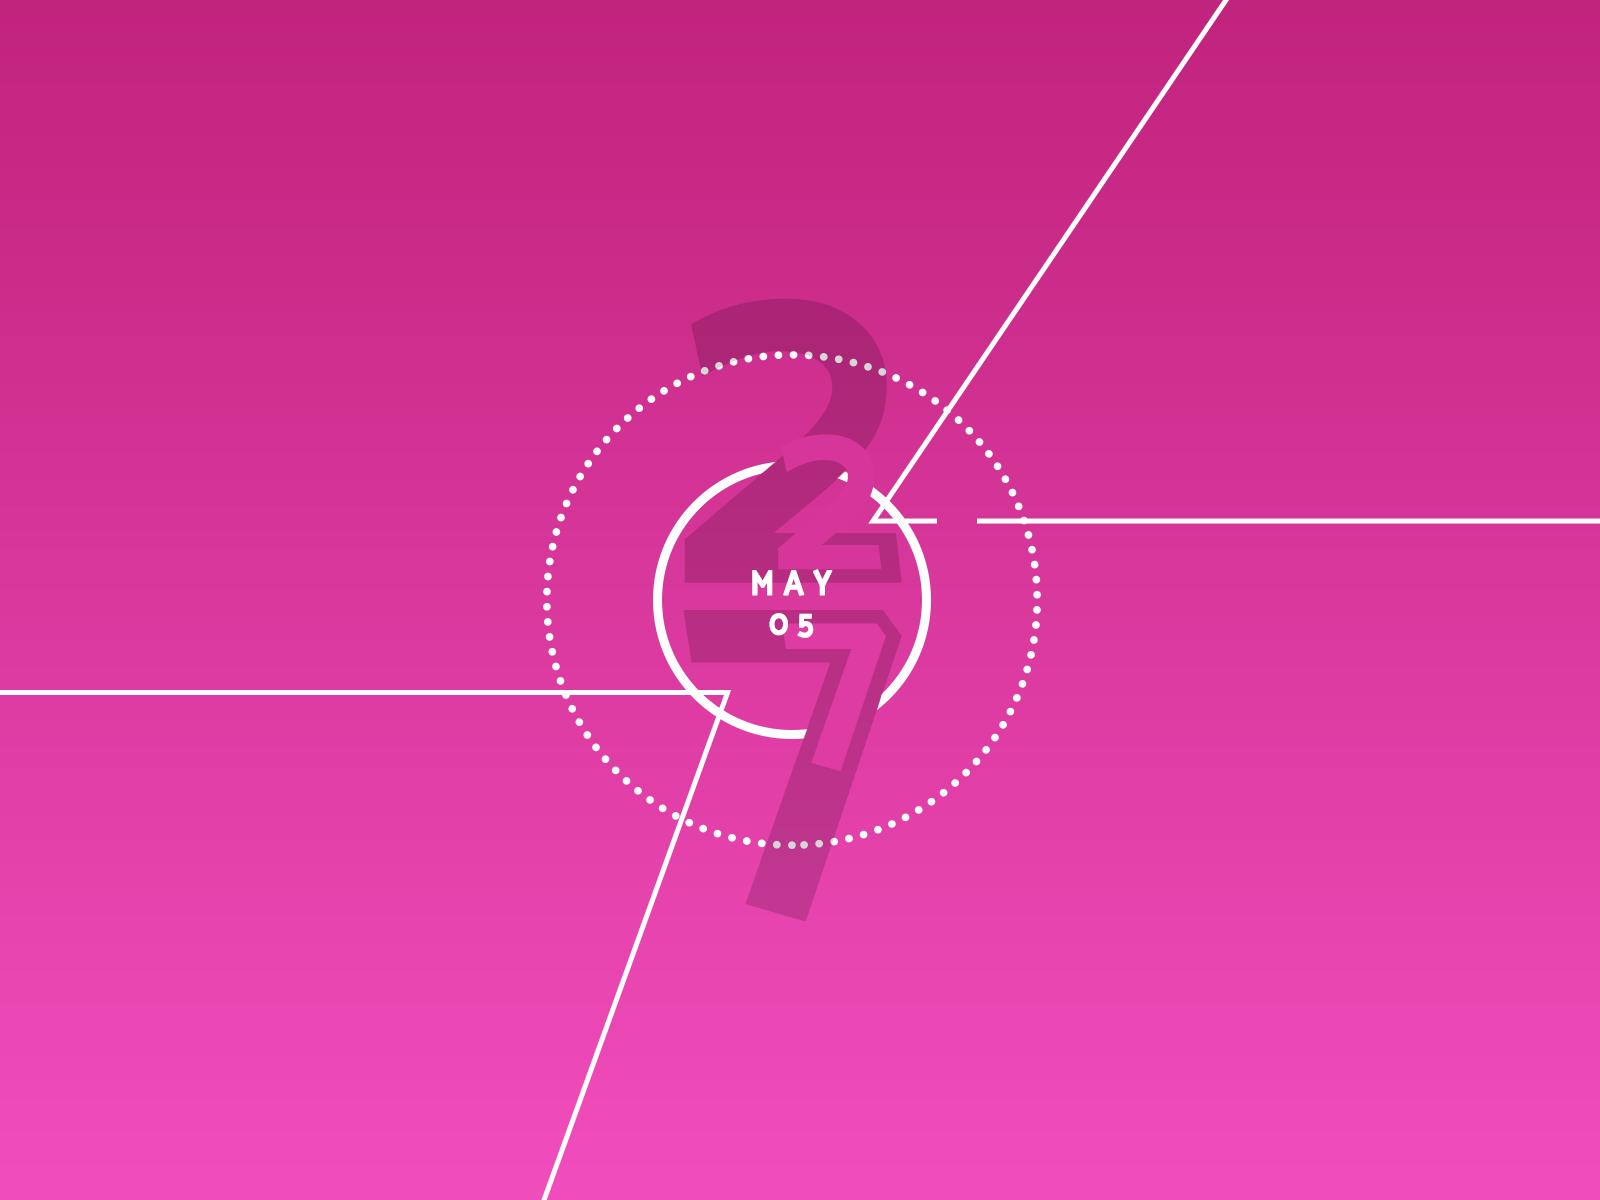 Day 03 - May 05